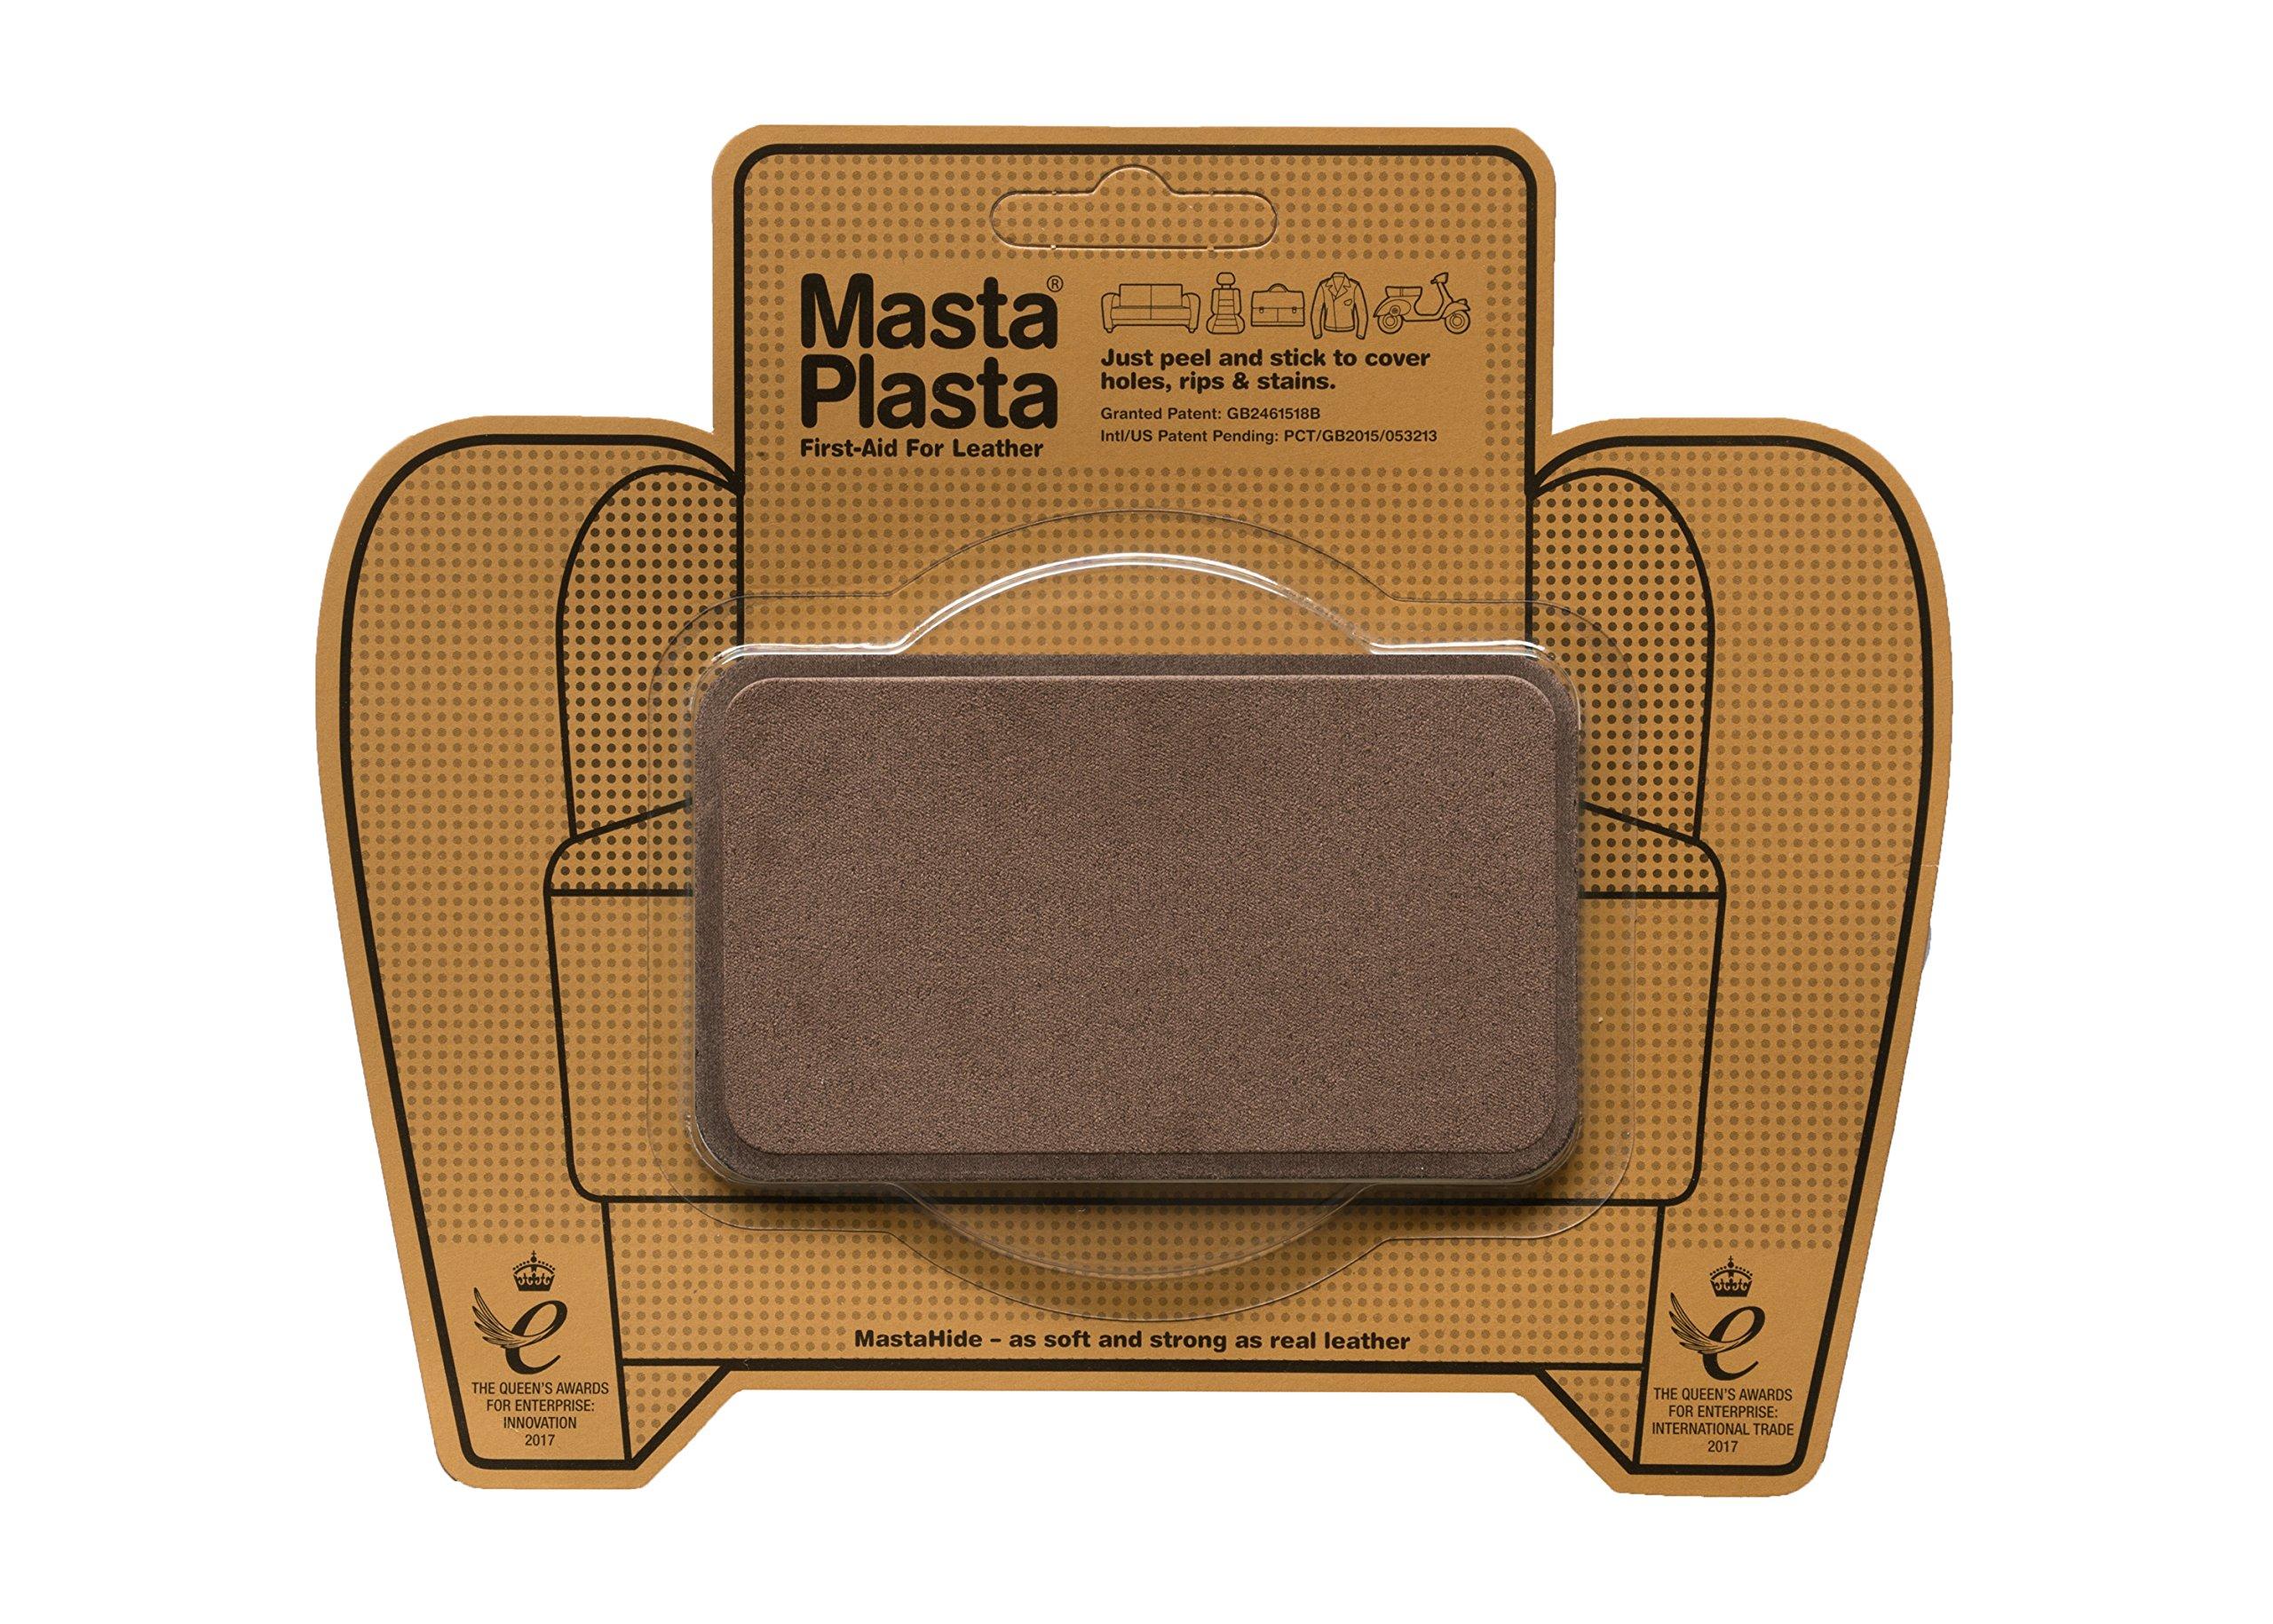 MastaPlasta Self-Adhesive Patch for Leather and Vinyl Repair, Medium, Suede, Brown - 4 x 2.4 Inch by MASTAPLASTA